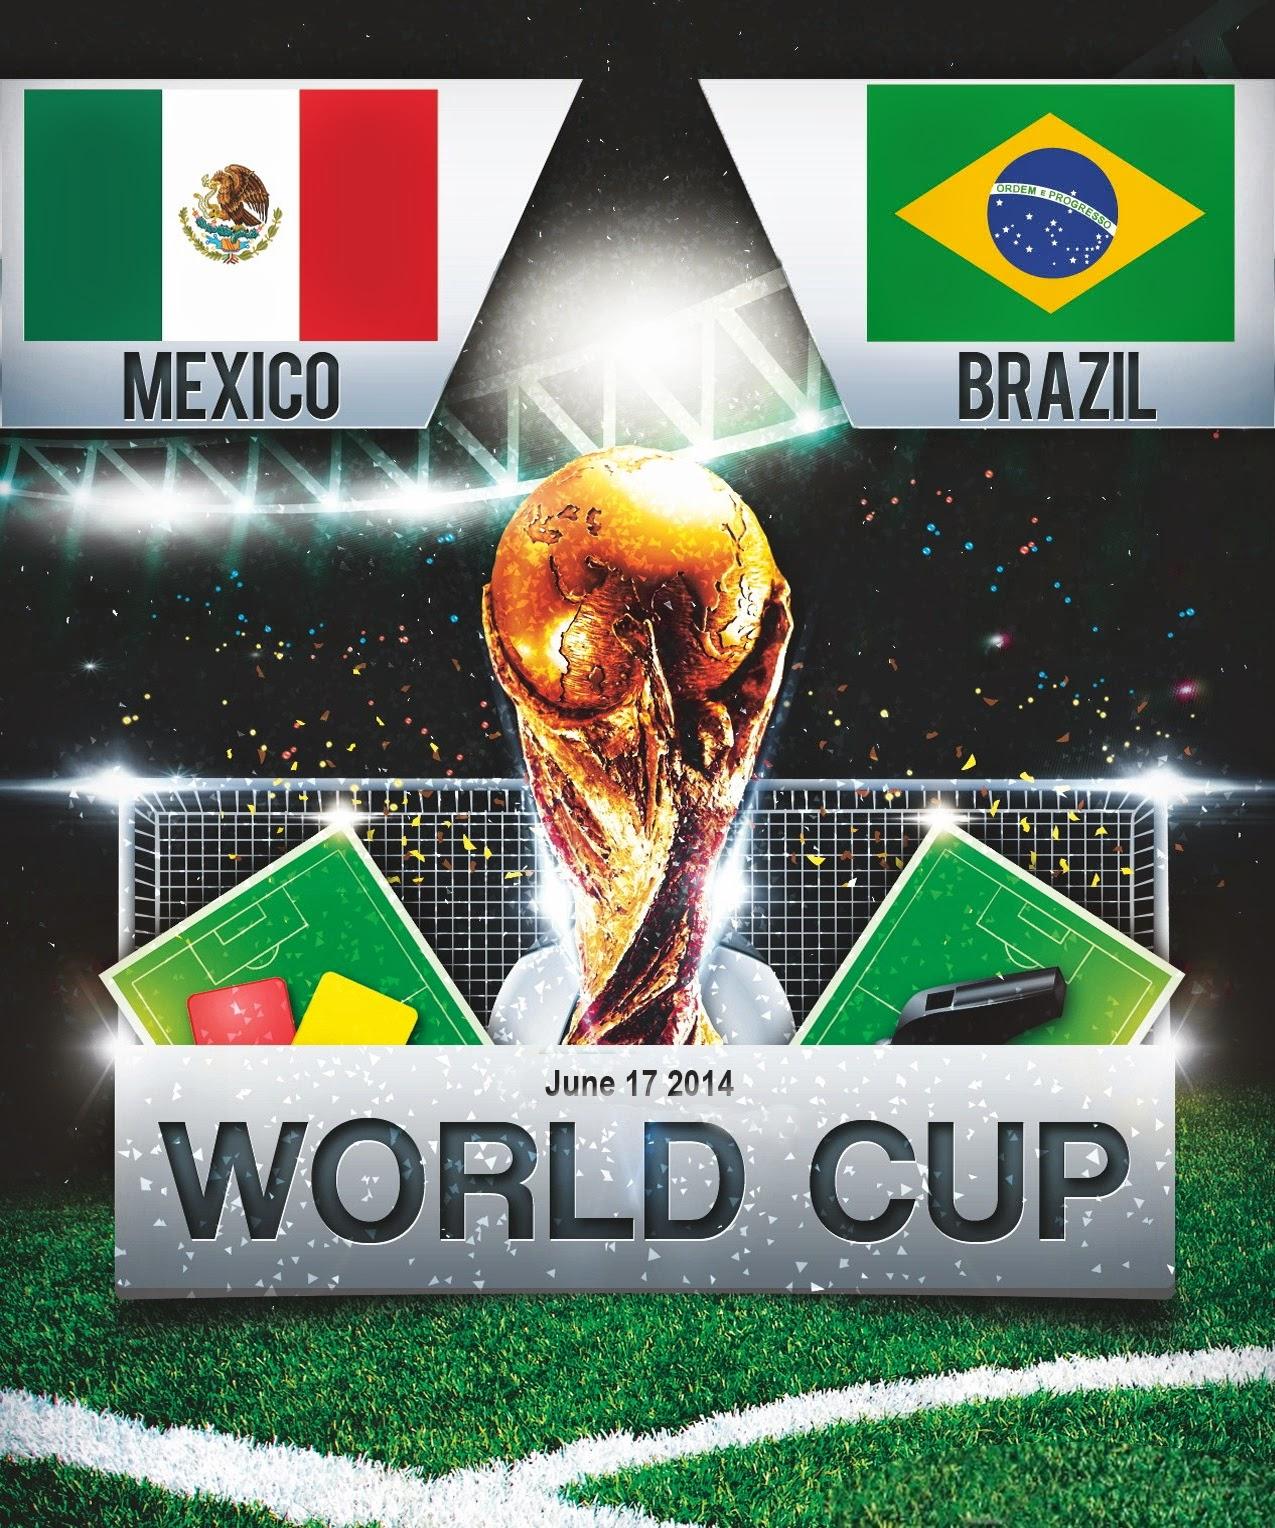 FIFA World Cup 2014 - Brazil Vs Mexico